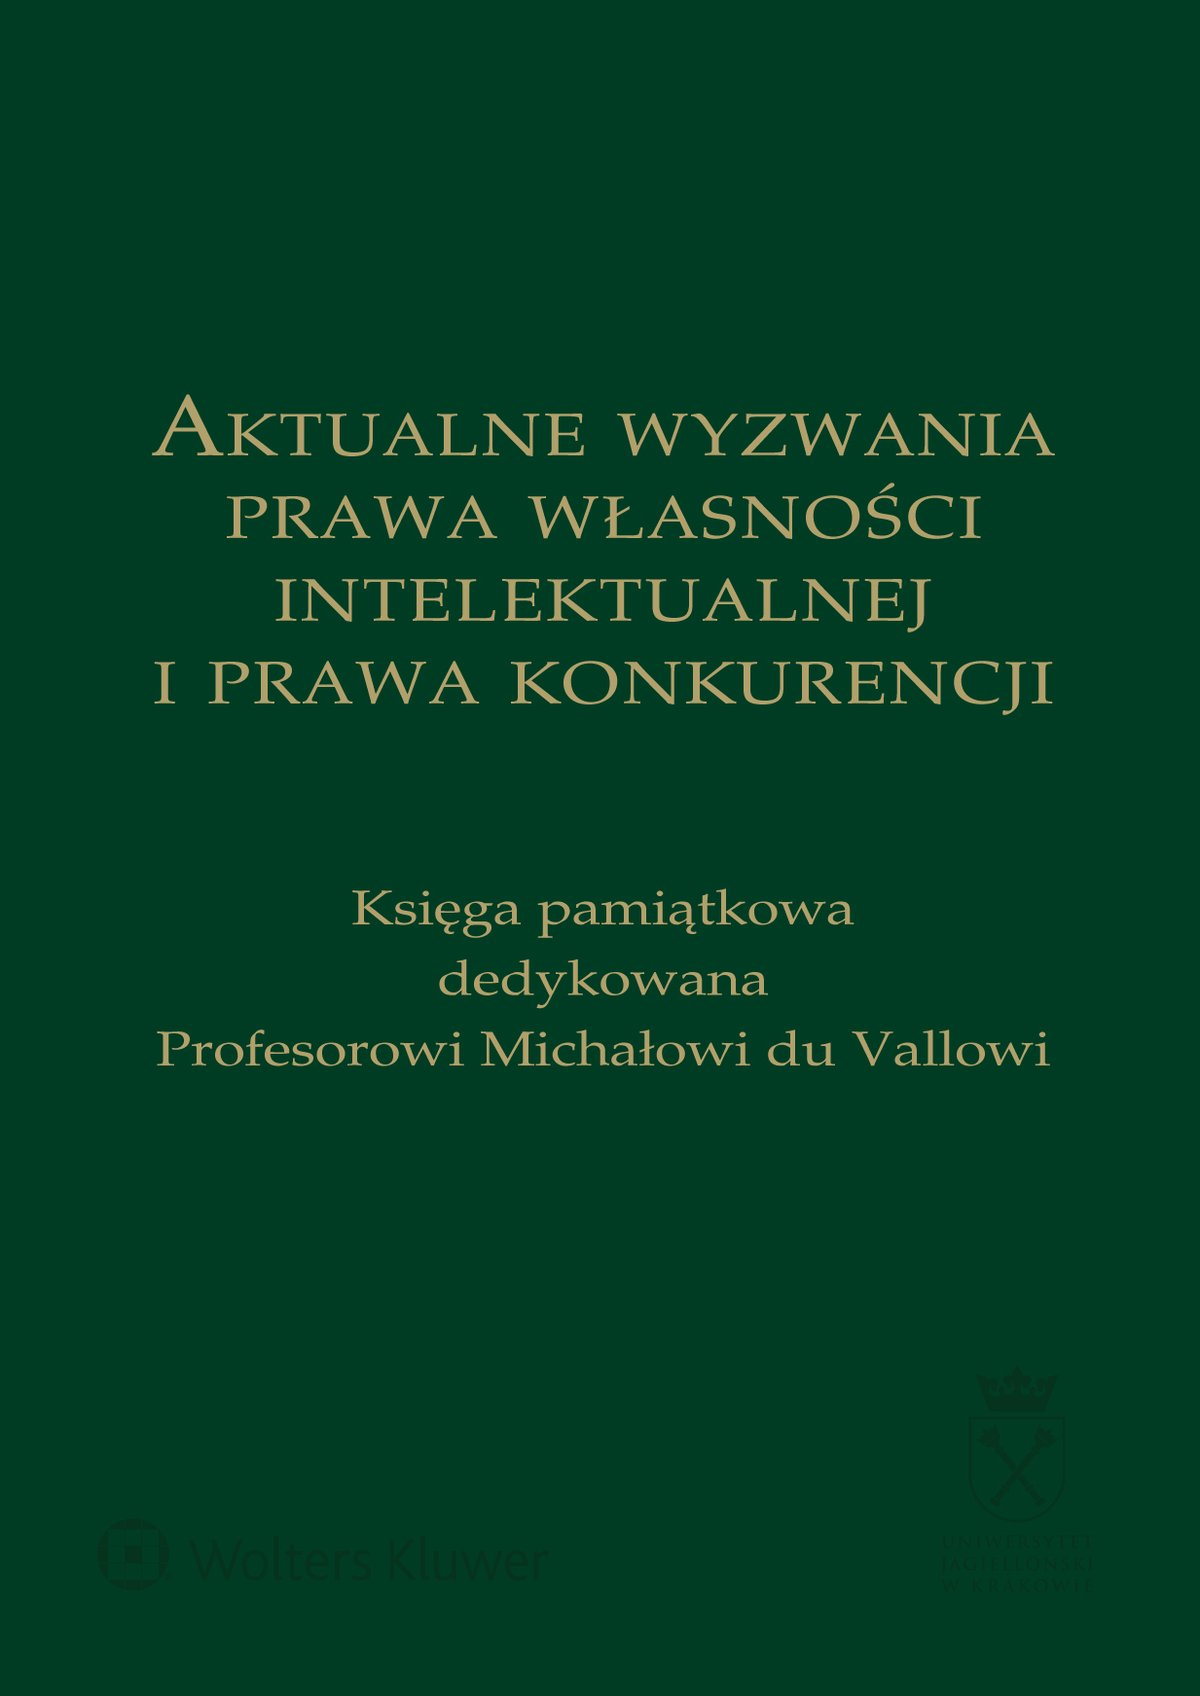 Aktualne wyzwania prawa własności intelektualnej i prawa konkurencji. Księga pamiątkowa dedykowana Profesorowi Michałowi du Vallowi - Ebook (Książka EPUB) do pobrania w formacie EPUB